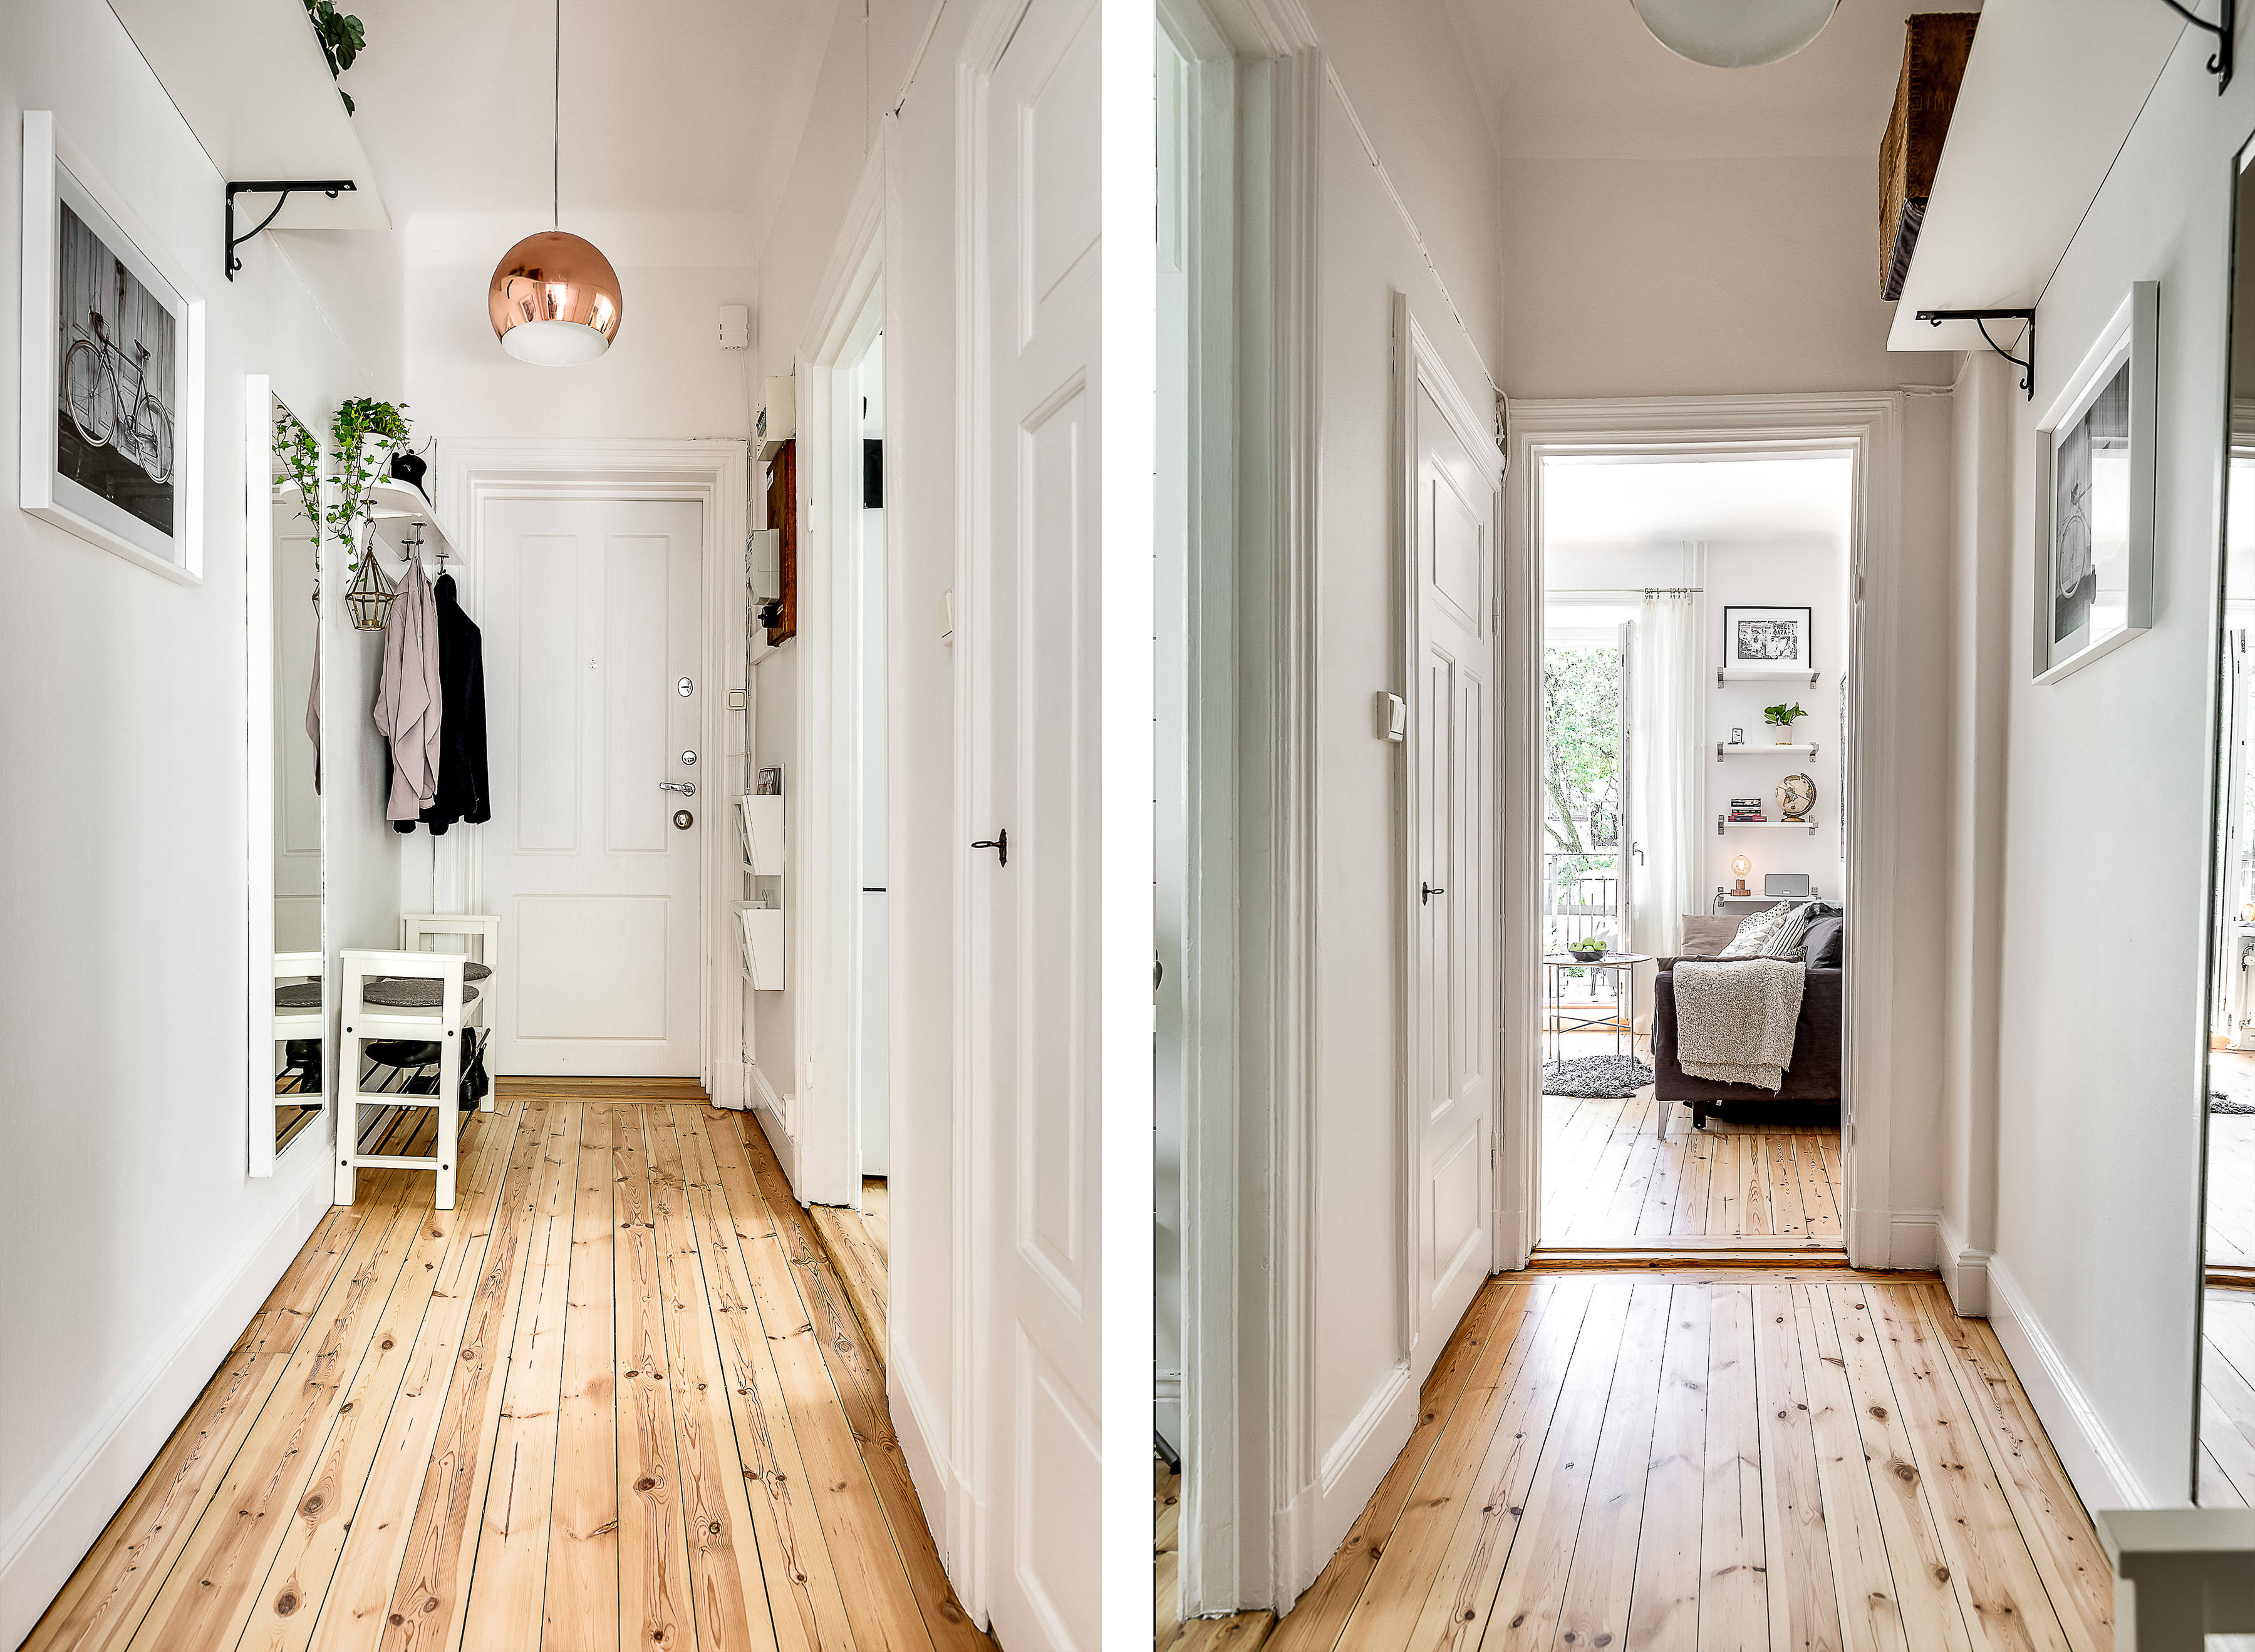 прихожая коридор входная дверь одежда